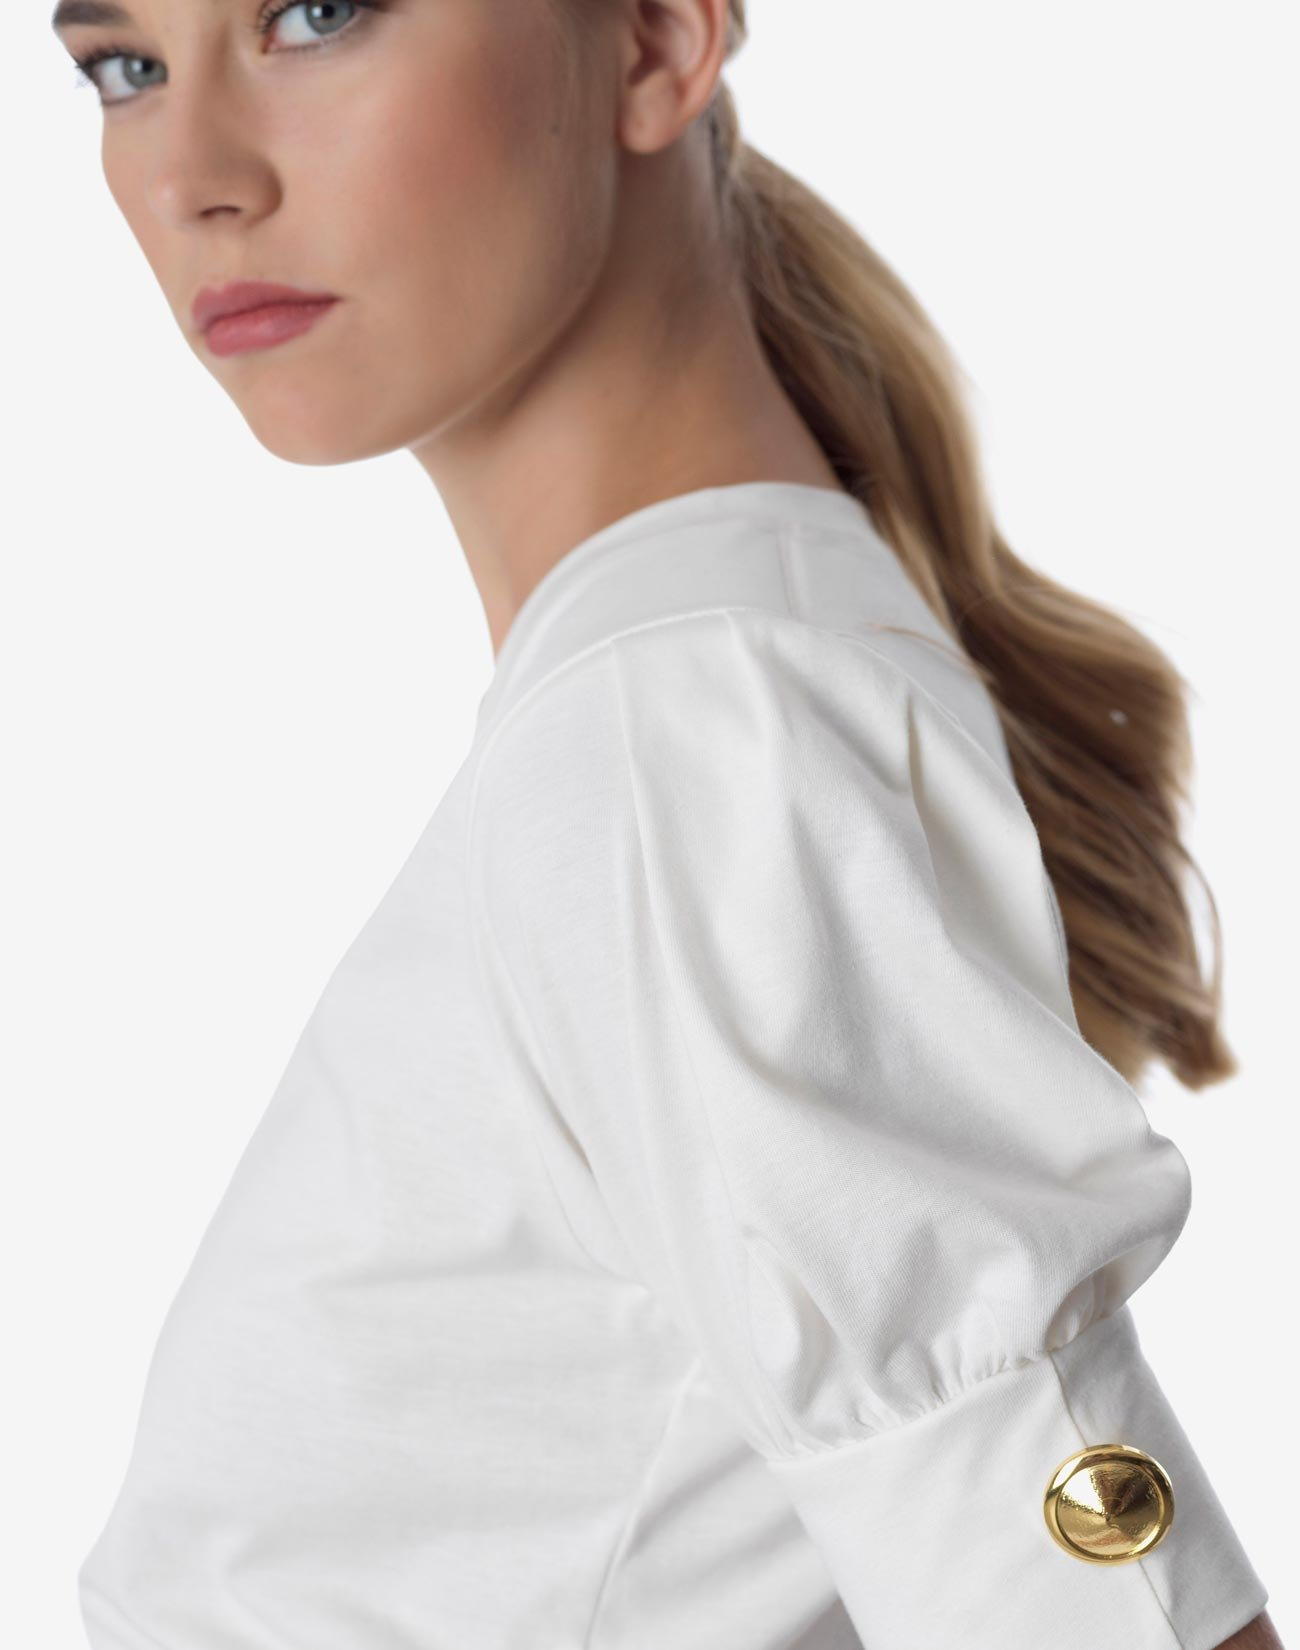 Μπλούζα οργανικό βαμβάκι με φουσκωτό μανίκι